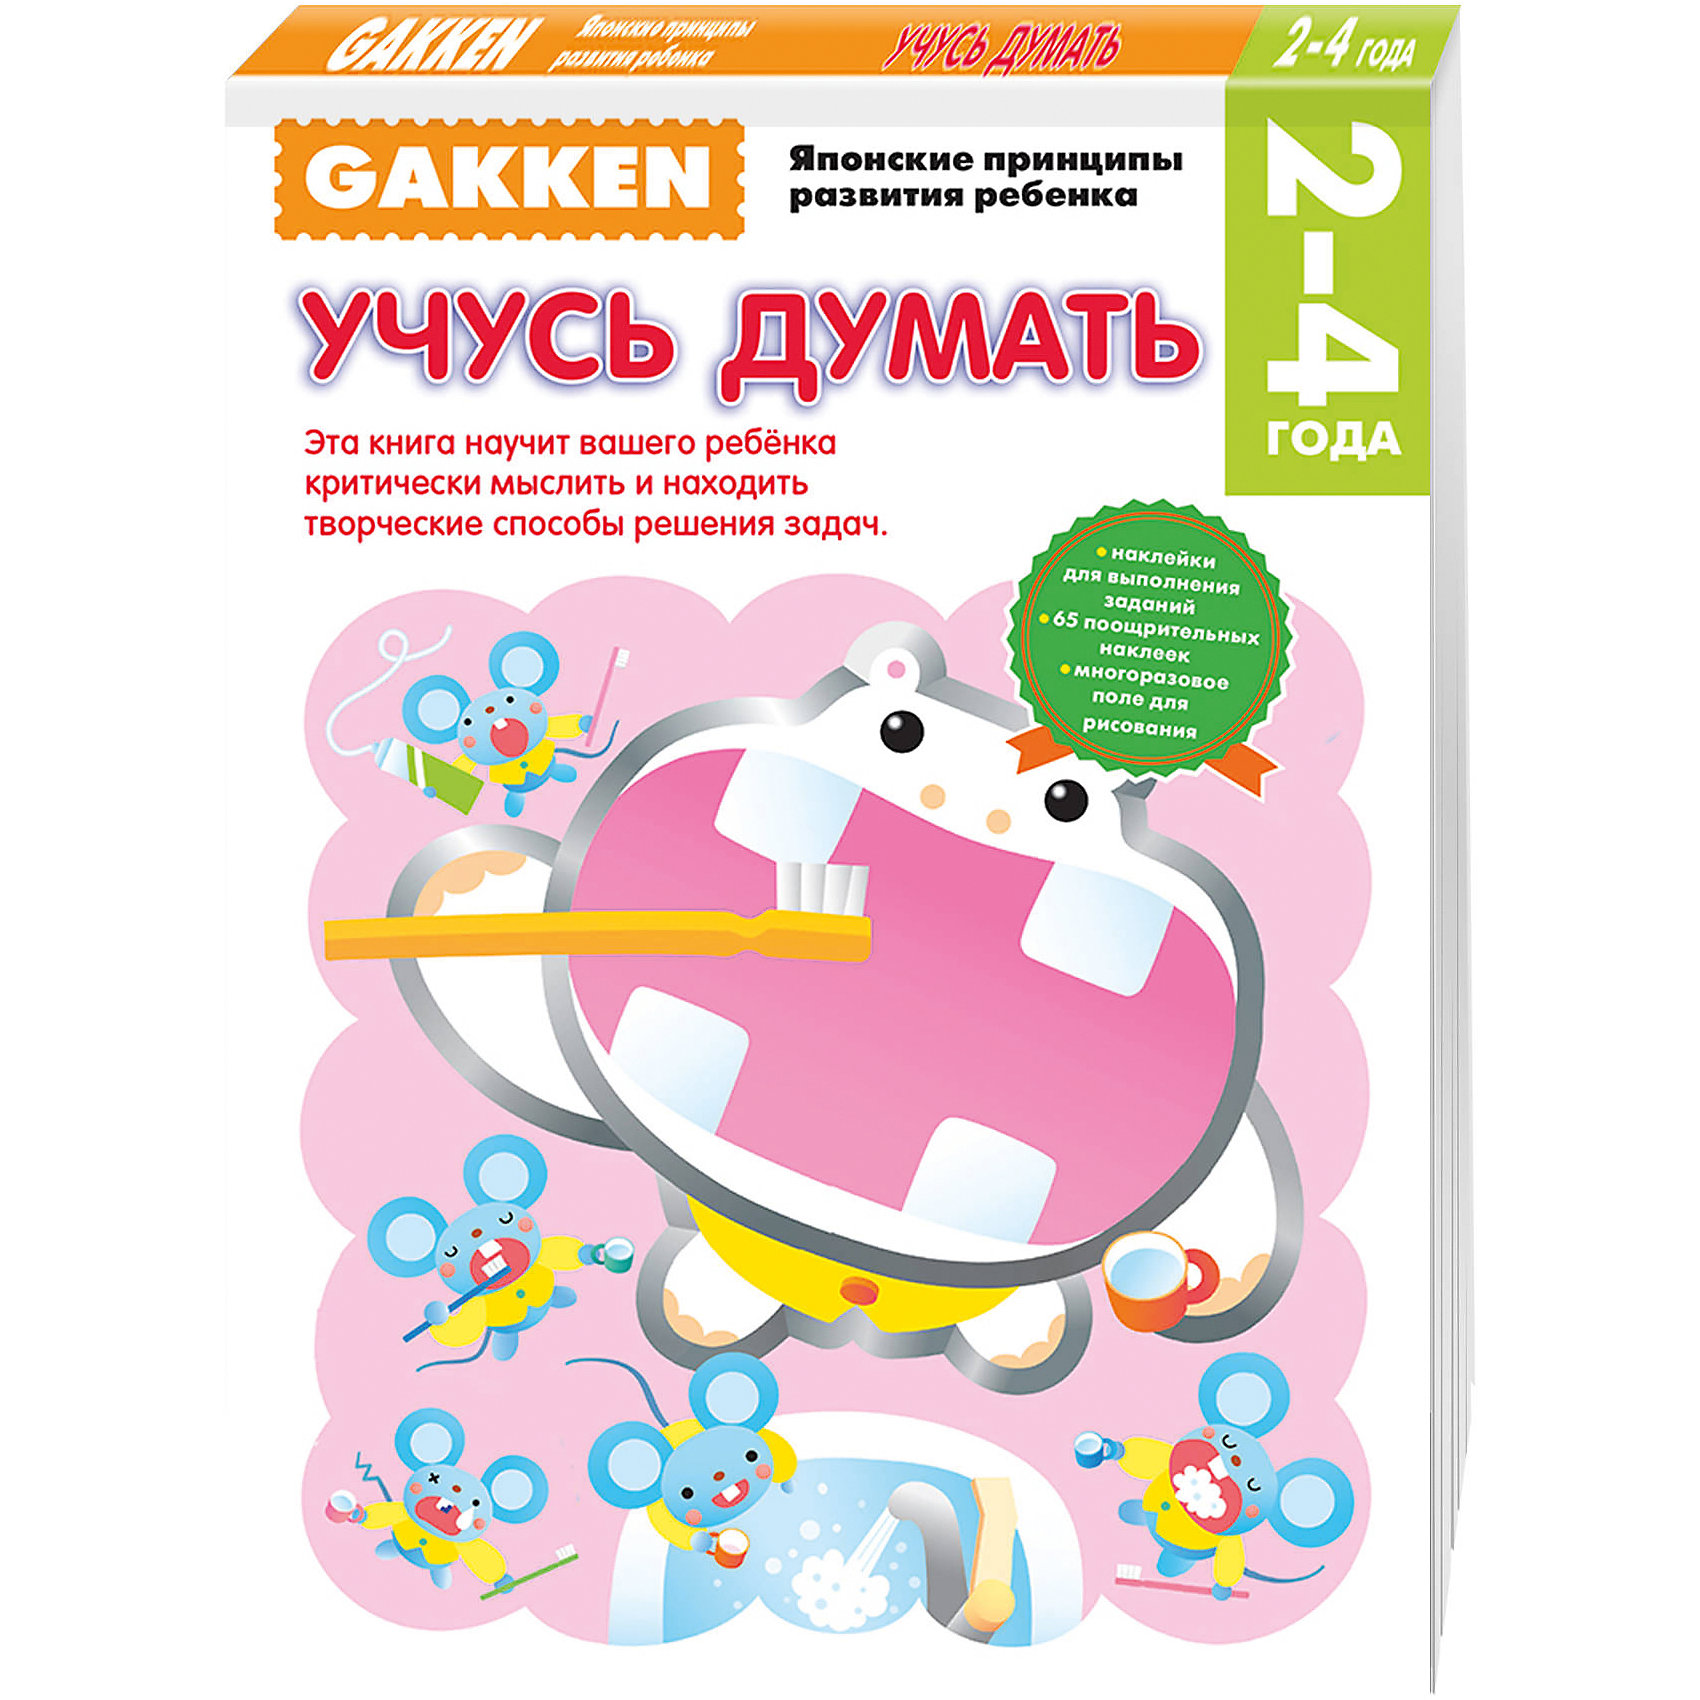 Развивающая книга Учусь думать (2+) GAKKENКниги для развития мышления<br>Развивающая книга Учусь думать (2+) – эта книга научит вашего ребенка критически мыслить и находить творческие способы решения задач.<br>Книга Учусь думать (2+), серии Японские принципы развития ребенка, научит вашего малыша: рассуждать логически; выделять признаки предметов и группировать их по этим признакам; различать предметы по форме и цвету; решать творческие задачи, такие как рисовать по заданной форме, наклеивать наклейки в произвольном порядке. А ещё малыша ожидают весёлые развивающие игры на специальных страницах в книге! В основу книги легли методические разработки профессора психологии Акиры Таго, широко известного в Японии специалиста по развитию интеллектуальных способностей, в том числе и у детей. Это методика, которой можно доверять! Уже 30 лет она успешно применяется в детских садах Японии. Благодаря особенностям подачи материала развитие ребенка идет сразу в двух направлениях: обучение необходимым навыкам и психологическое формирование успешной личности. Обучение по-японски — это увлекательный путь к способности принимать самостоятельные решения и творчески осмысливать поставленные задачи. Главный принцип методики – это система «микро-шагов», когда каждый последующий шаг чуть сложнее предыдущего. Благодаря этому ребенок не боится выполнять задания, его уверенность в своих силах возрастает. В основании методики — неразрывная связь между развитием руки и интеллектуальных способностей малыша, именно поэтому особое внимание уделяется тому, чтобы научить ребёнка пользоваться письменными принадлежностями.<br><br>Дополнительная информация:<br><br>- В книге вы найдете: наклейки для выполнения заданий, 65 поощрительных наклеек, многоразовое поле для рисования<br>- Издательство: Эксмо-Пресс, 2015 г.<br>- Серия: Gakken. Японские принципы развития ребенка<br>- Тип обложки: мягкий переплет (крепление скрепкой или клеем)<br>- Иллюстрации: цветные<br>- Количество страниц: 64 (офсет)<br>- Раз